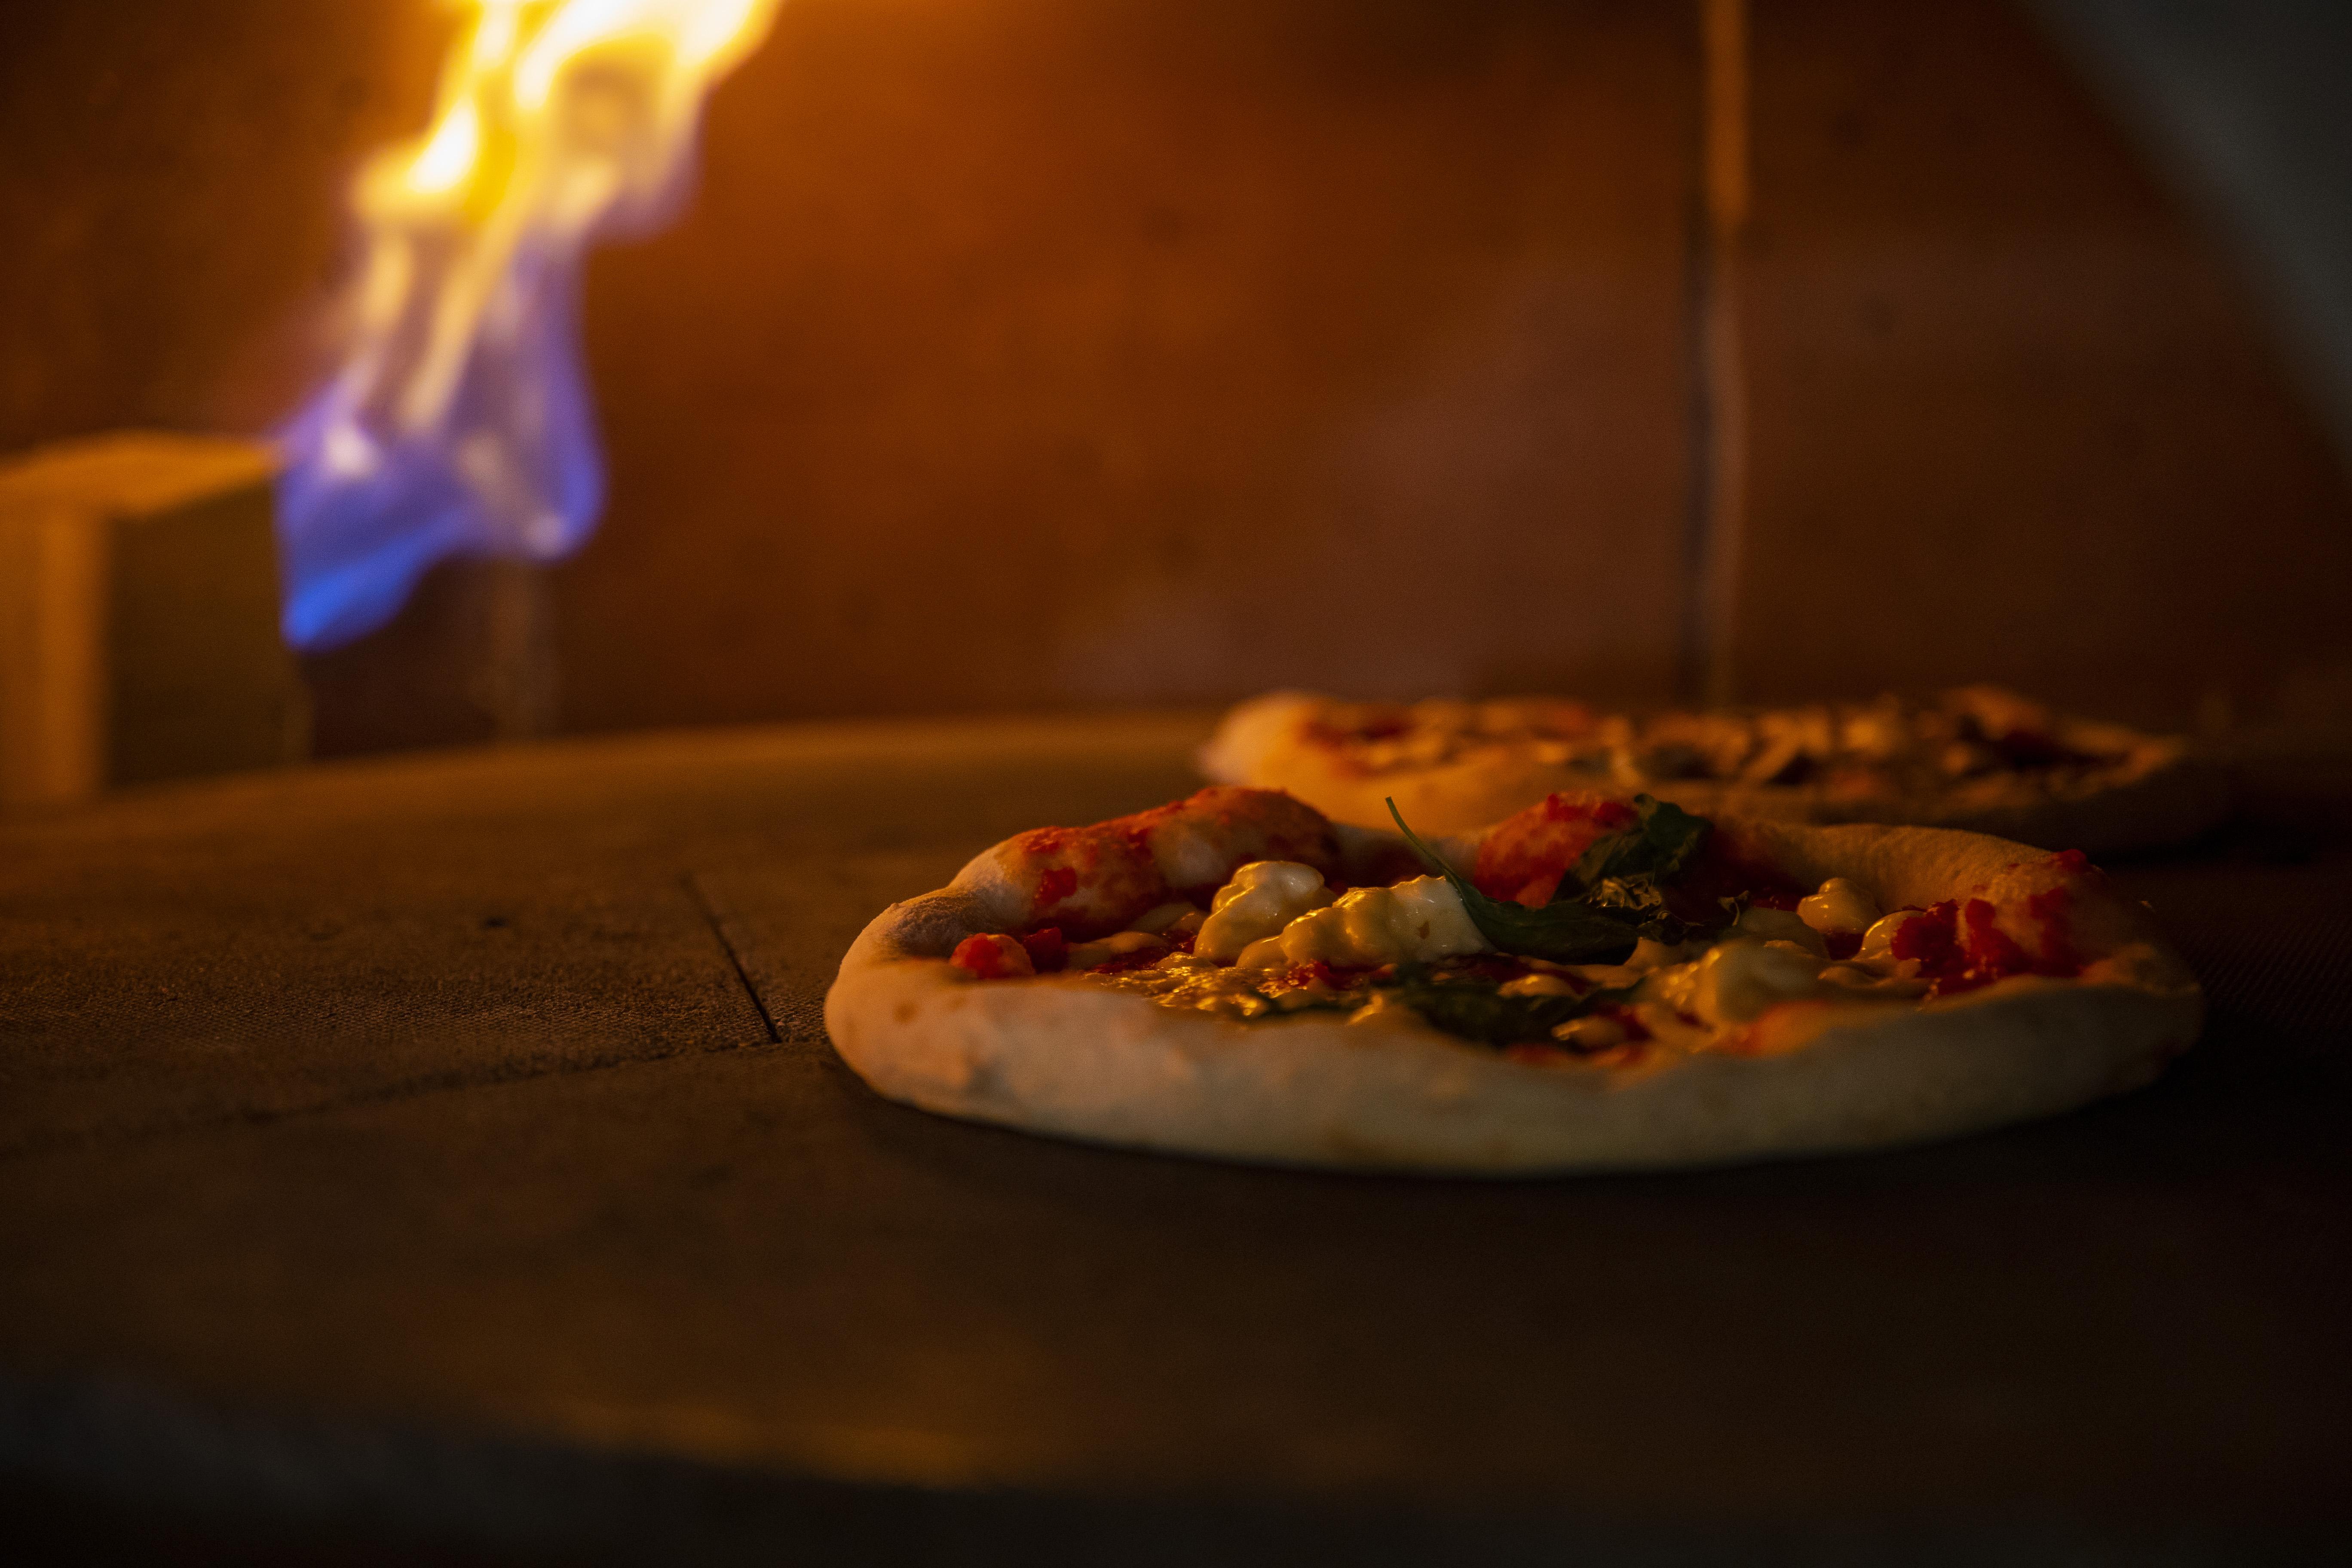 Les pizzas sans gluten arrivent à La Rotonde 🍕